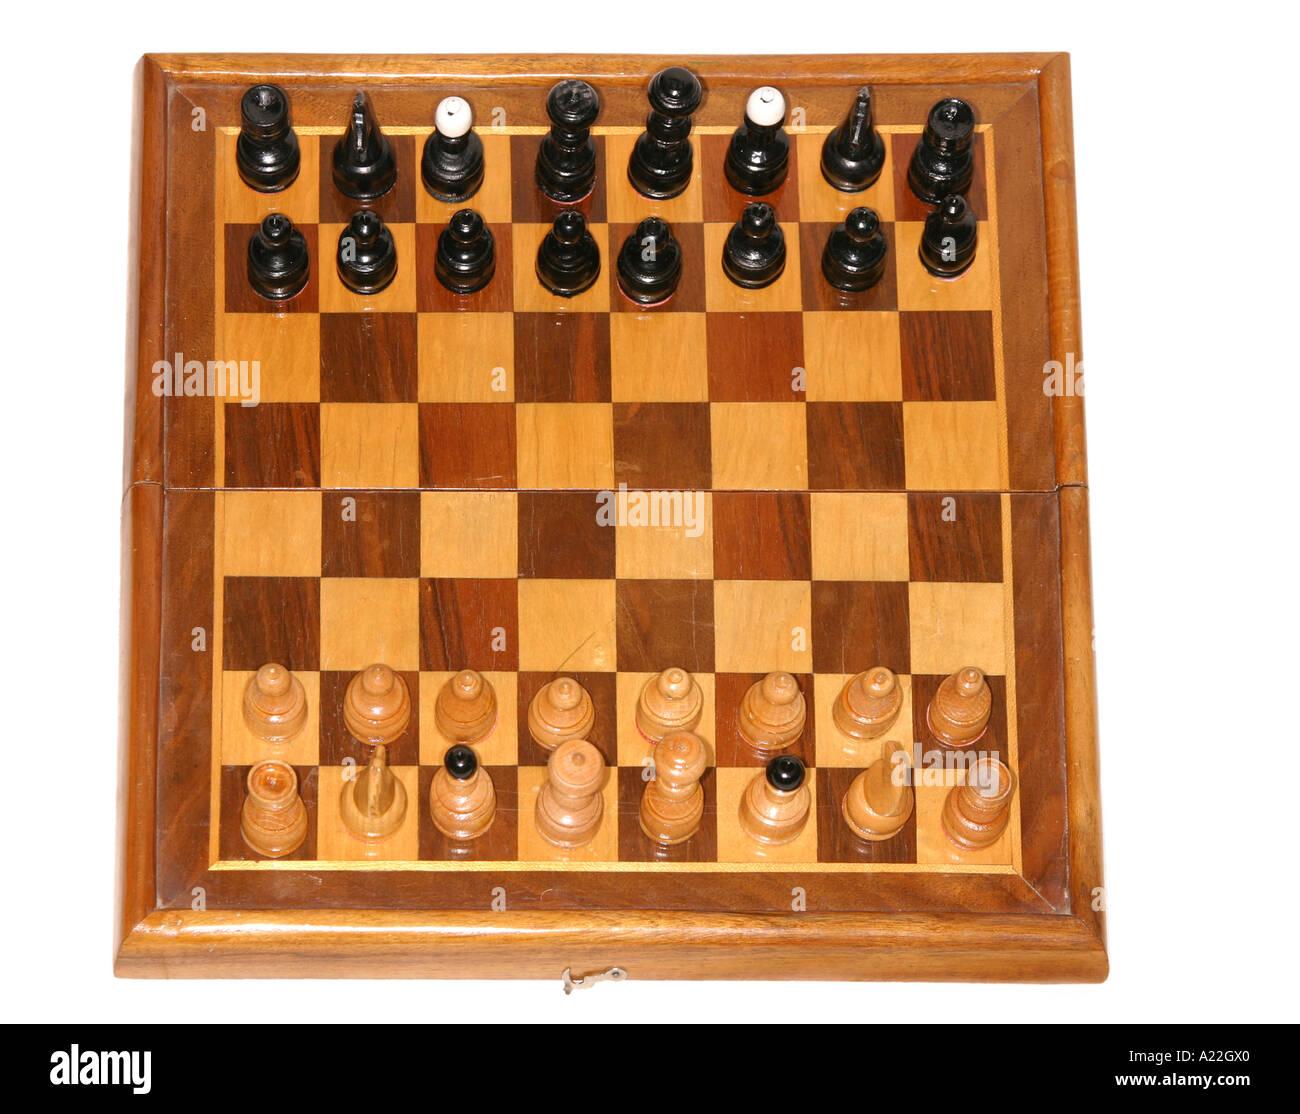 Vecchia scacchiera in legno con tutti i pezzi di cui sopra Immagini Stock